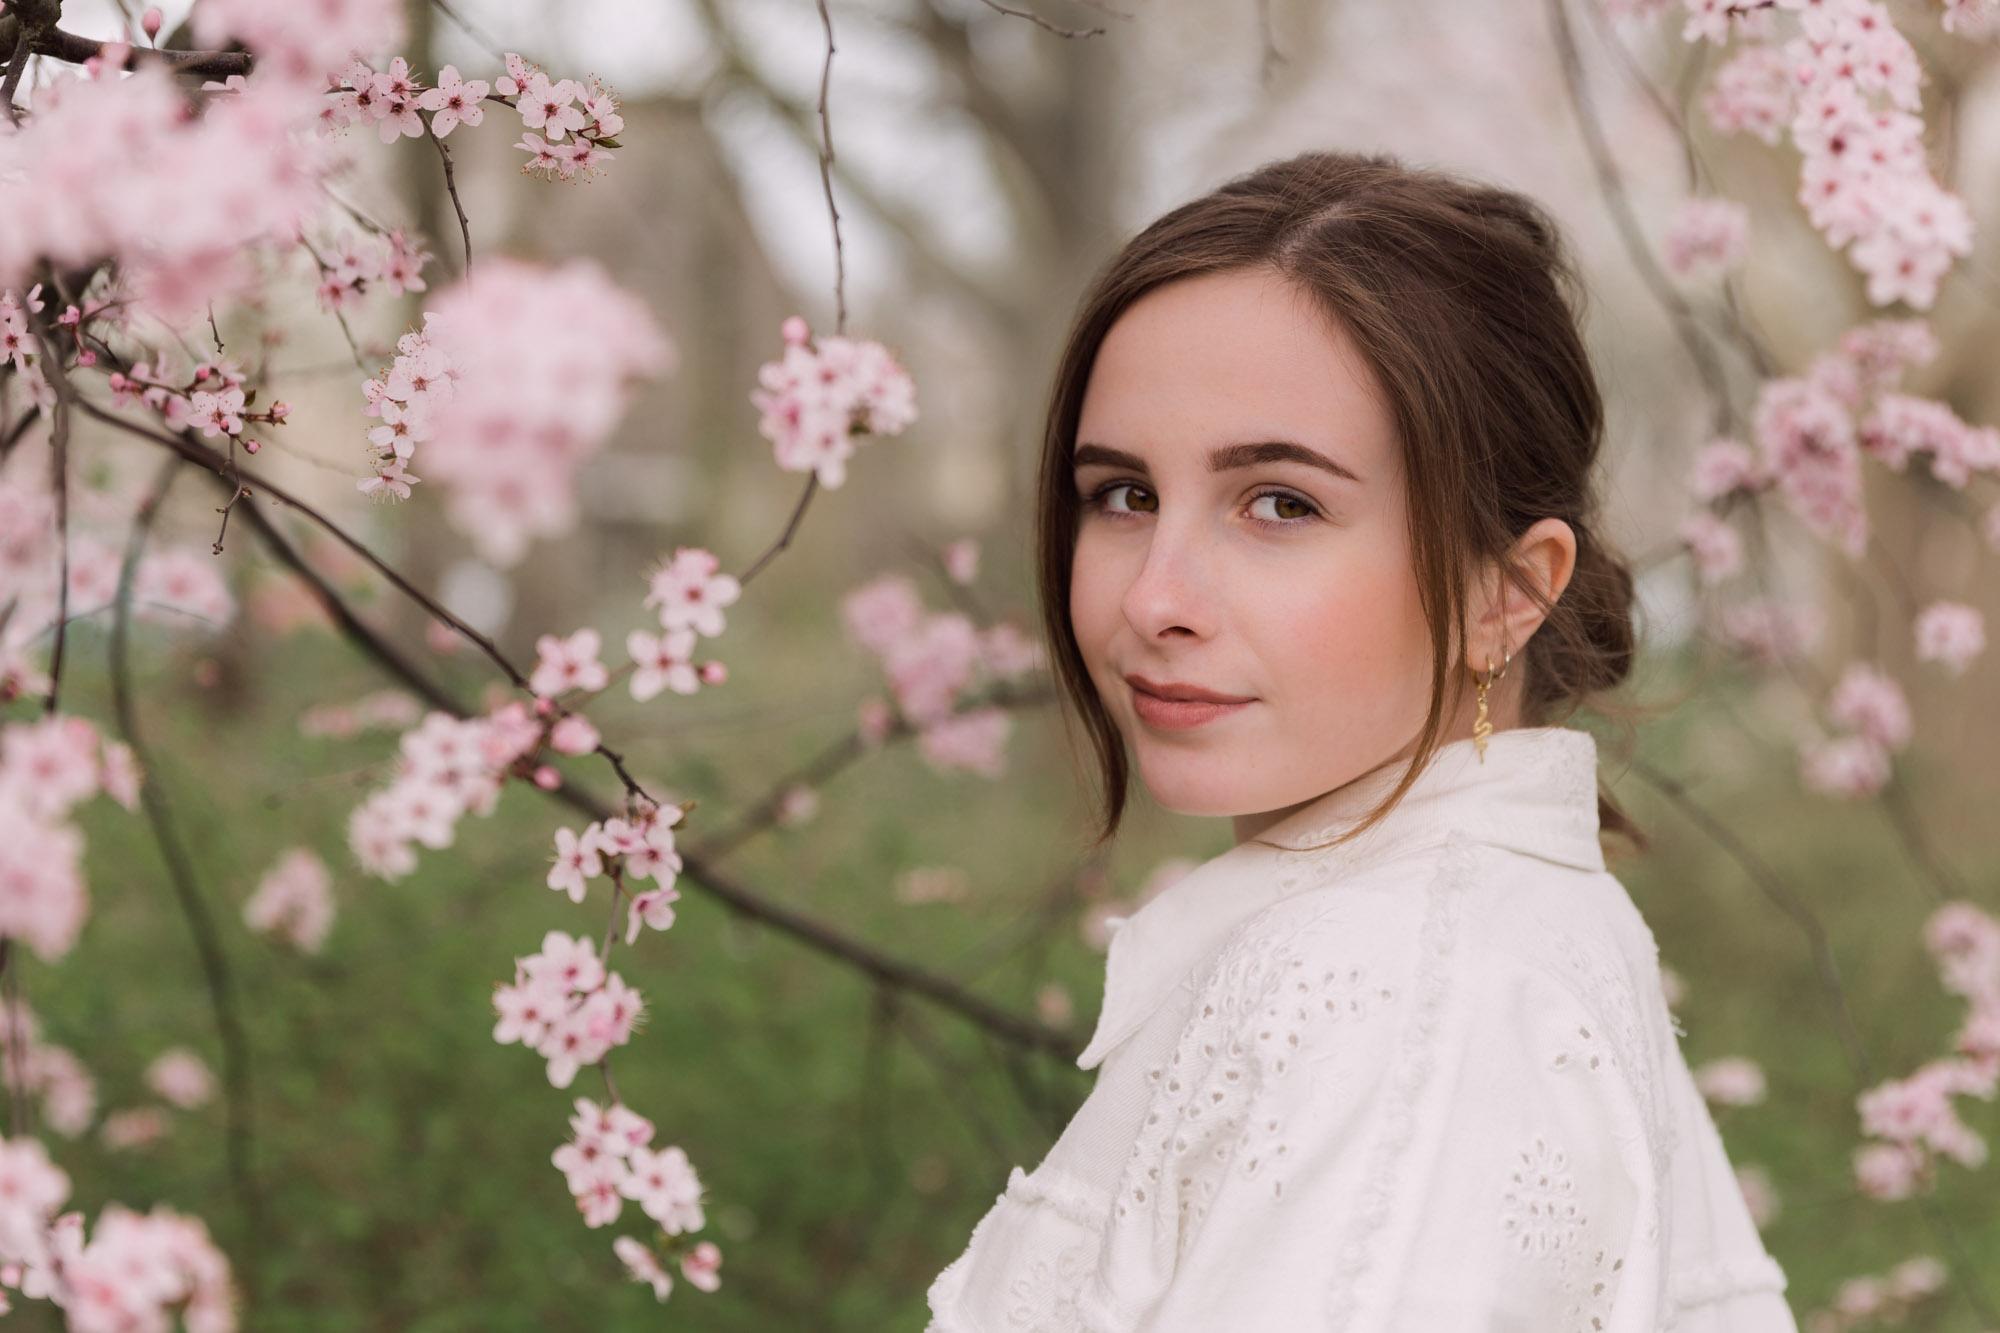 Tiener portretfotograaf in Amersfoort. Tienerportret door Mayra Fotografie. Bloesem portret